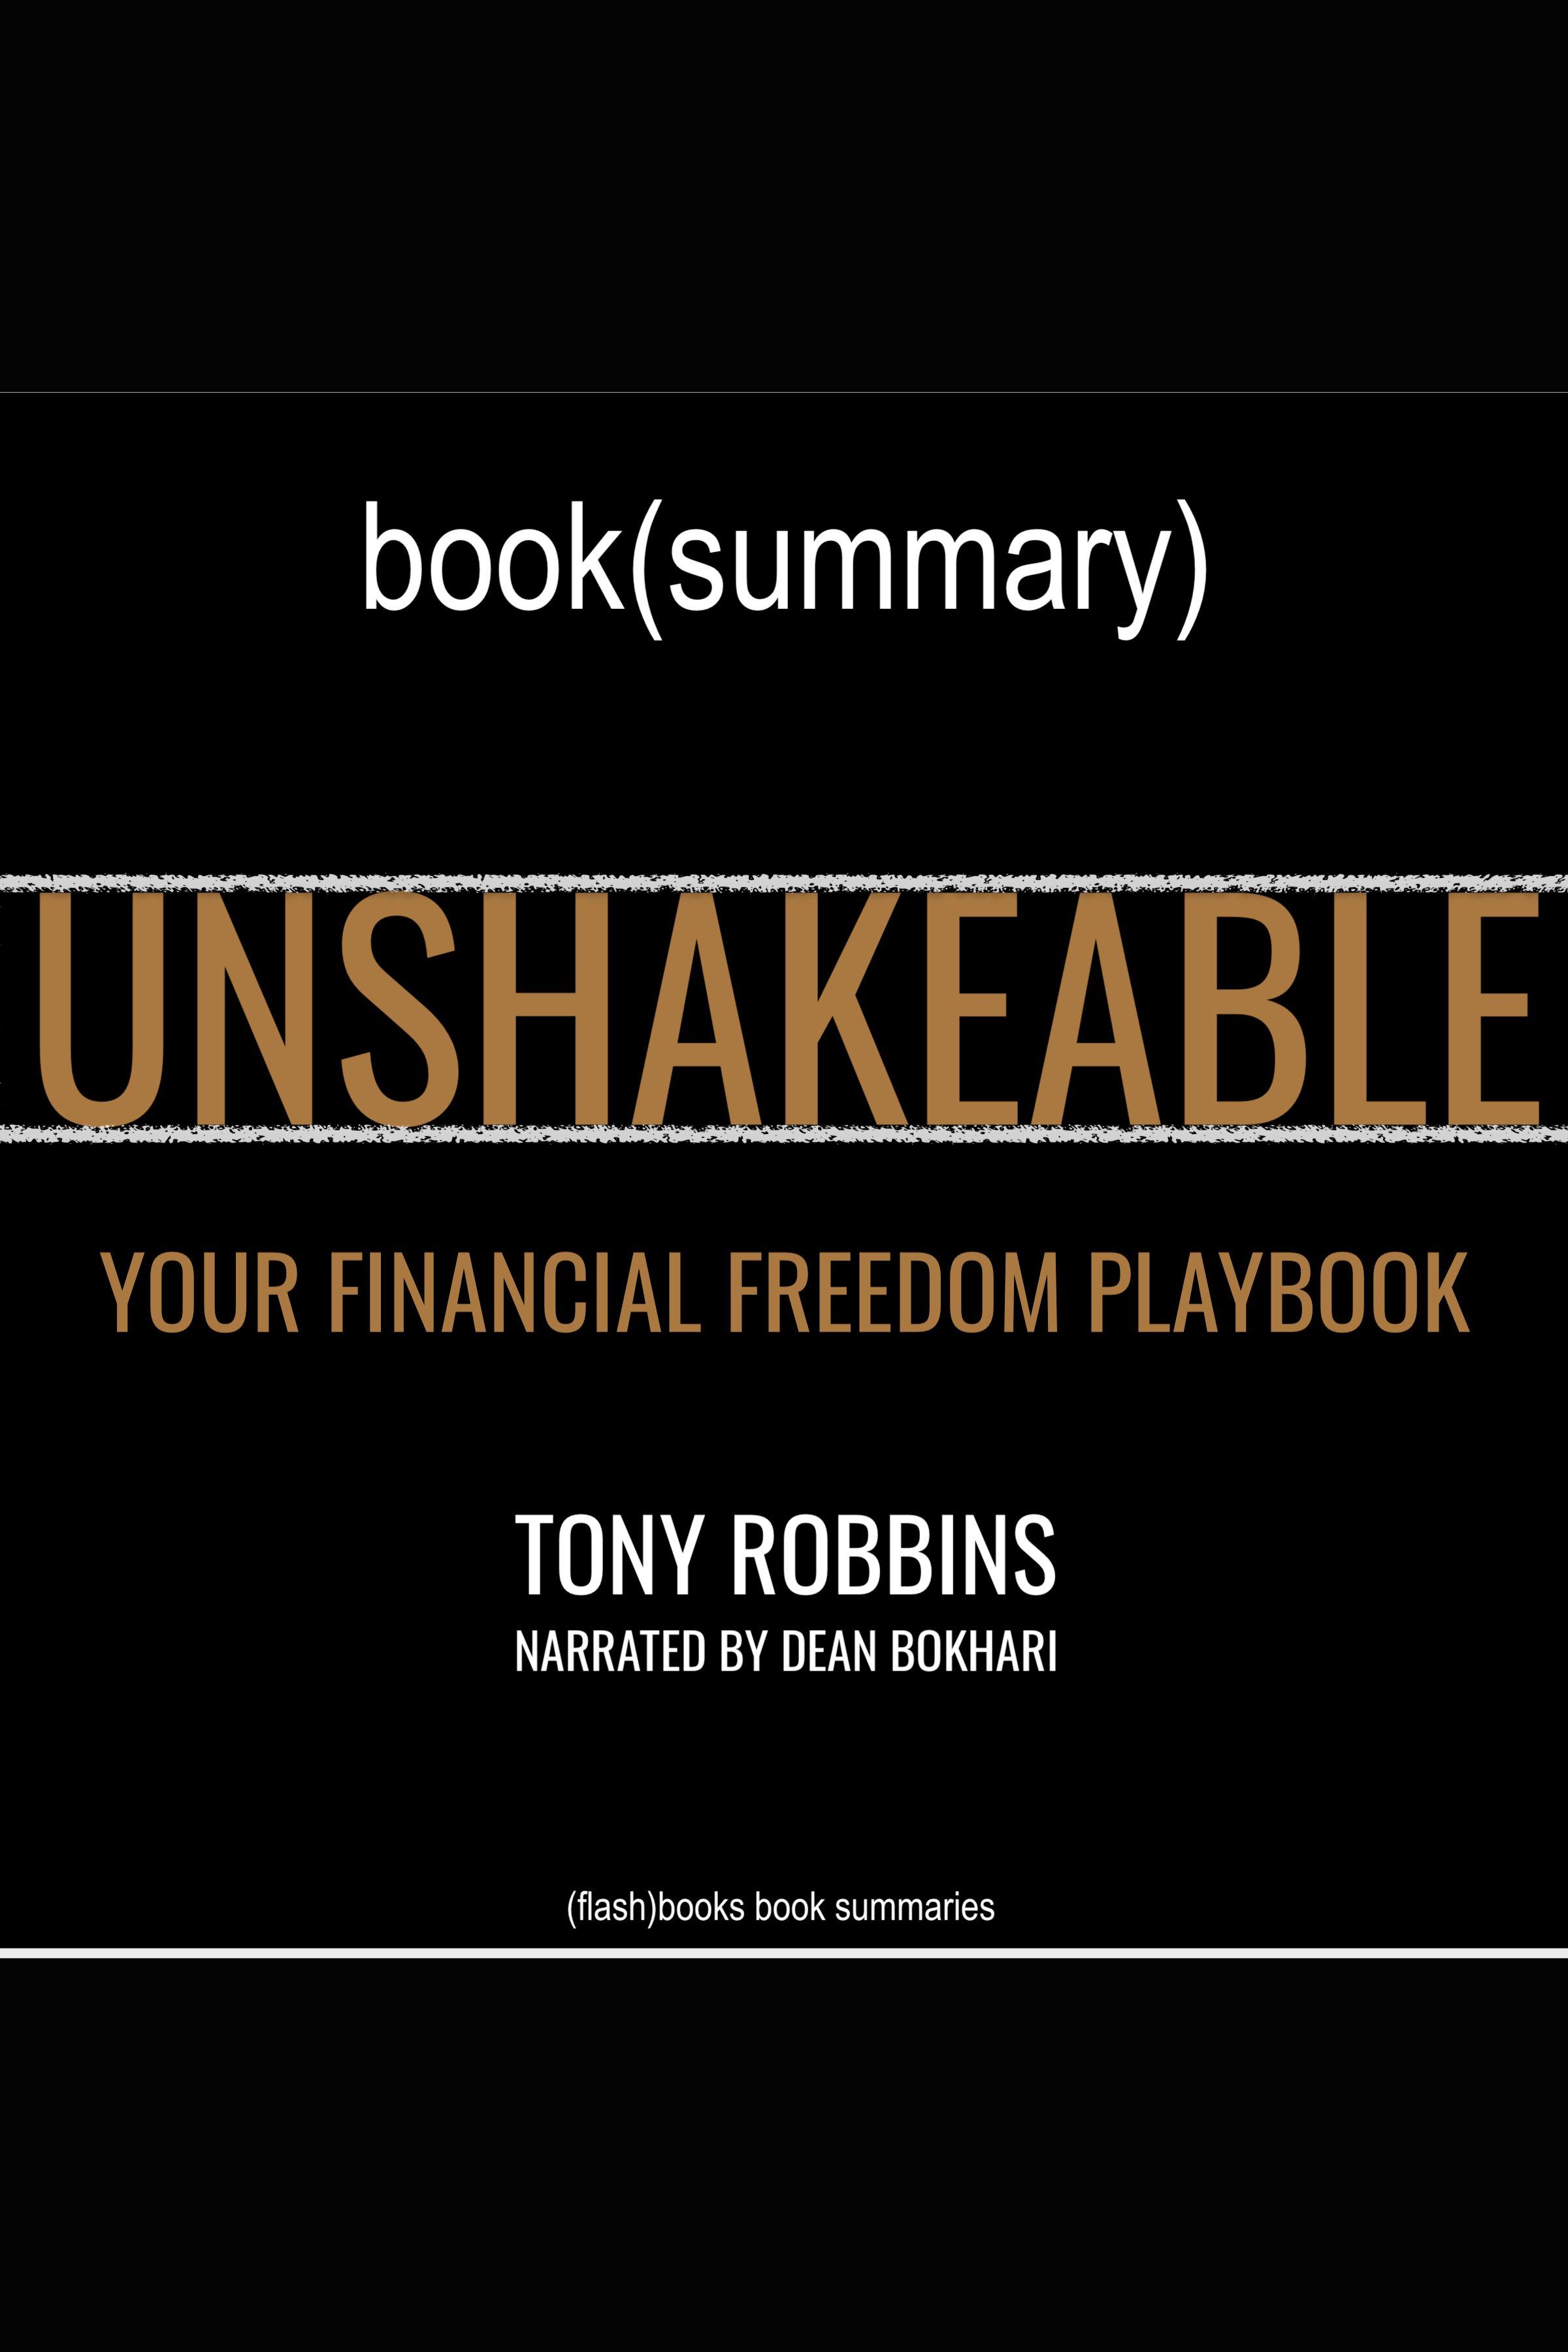 Esta es la portada del audiolibro Unshakeable by Anthony Robbins - Book Summary